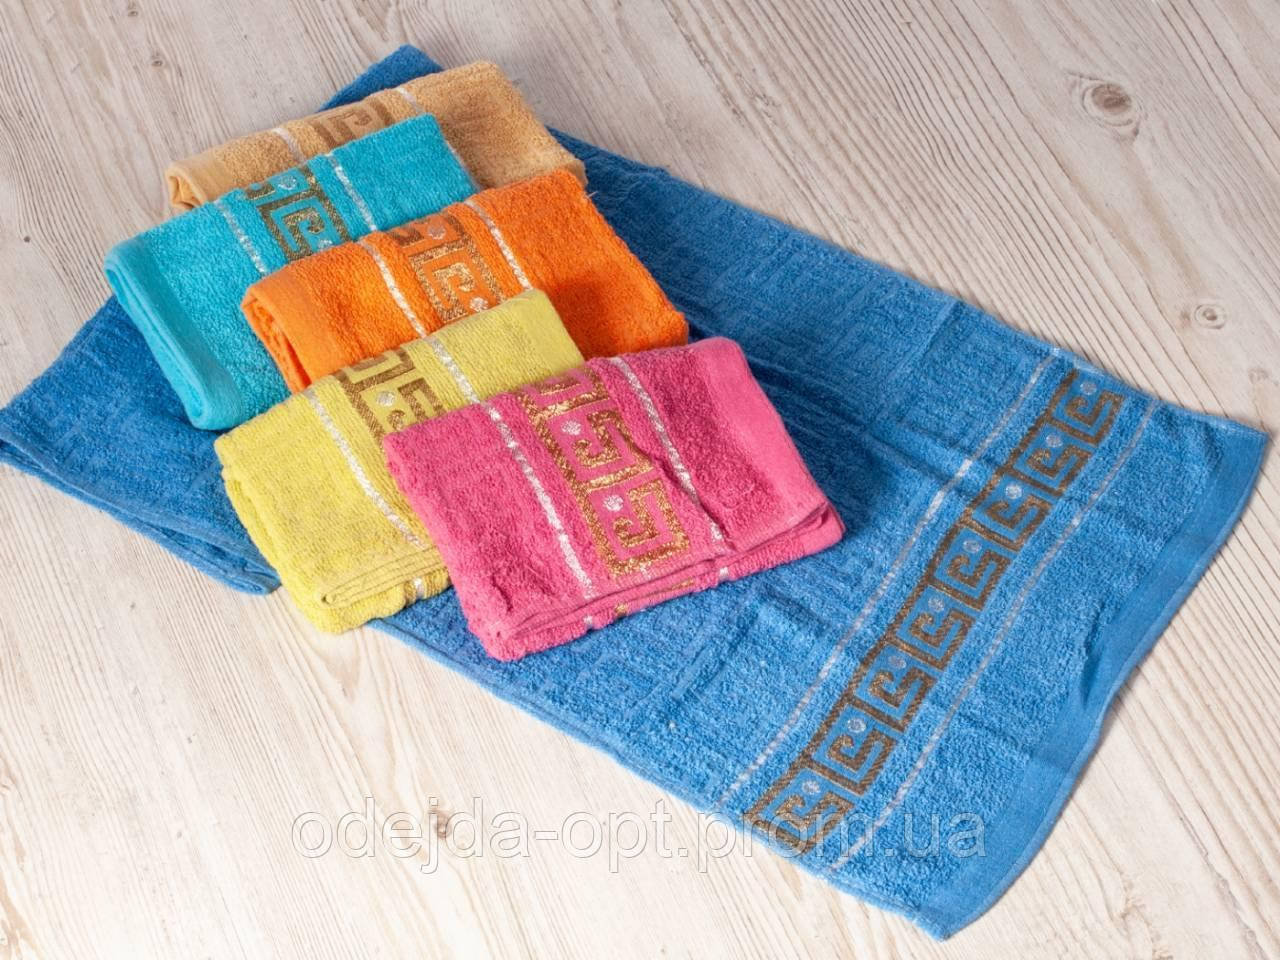 Полотенце махровое с узором для лица. В упаковке 6шт разного цвета. Размер 90х45